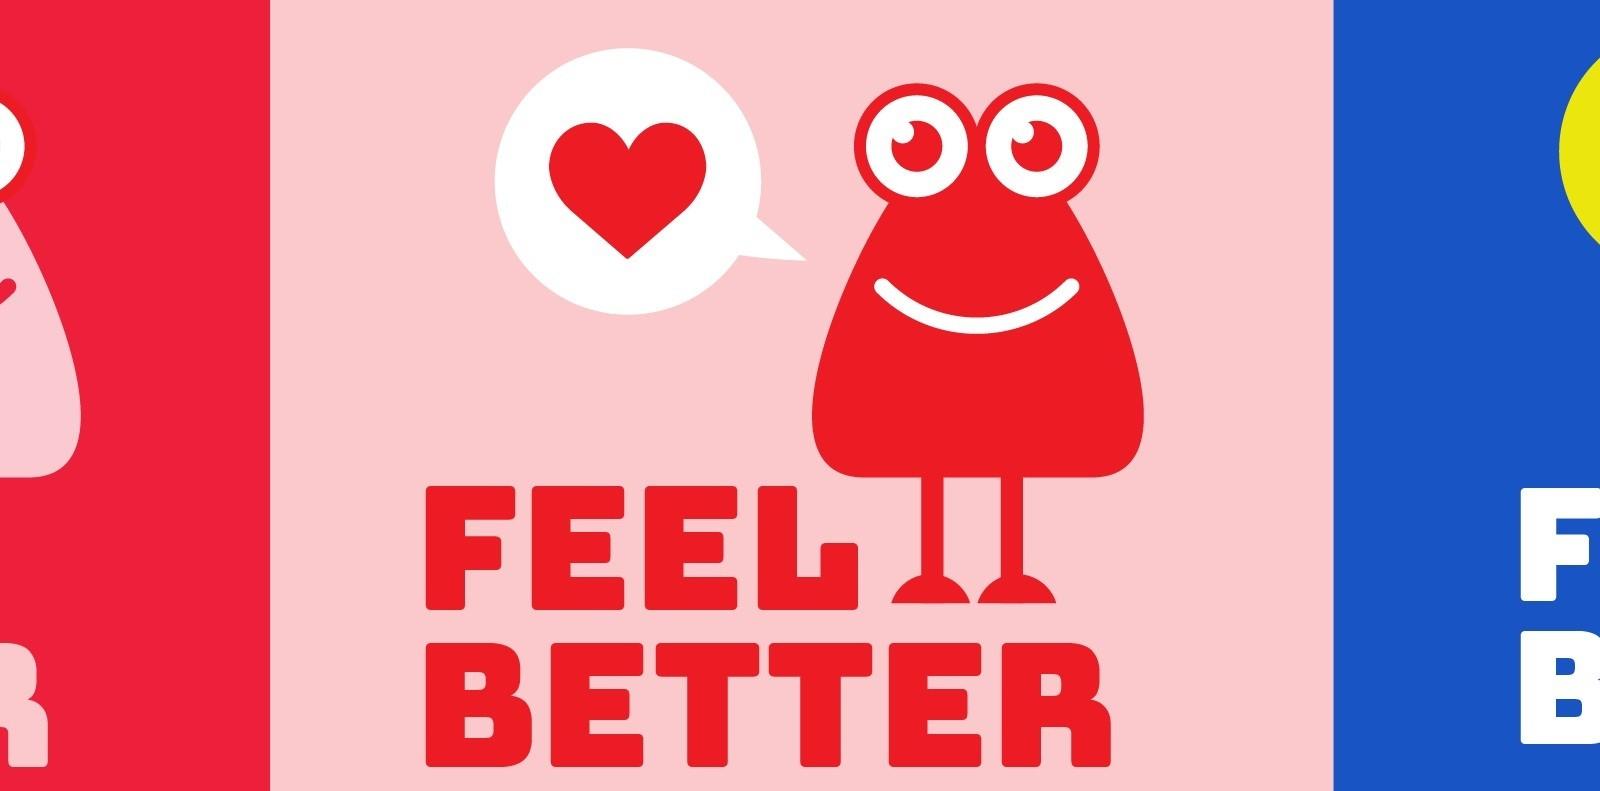 Feel better!